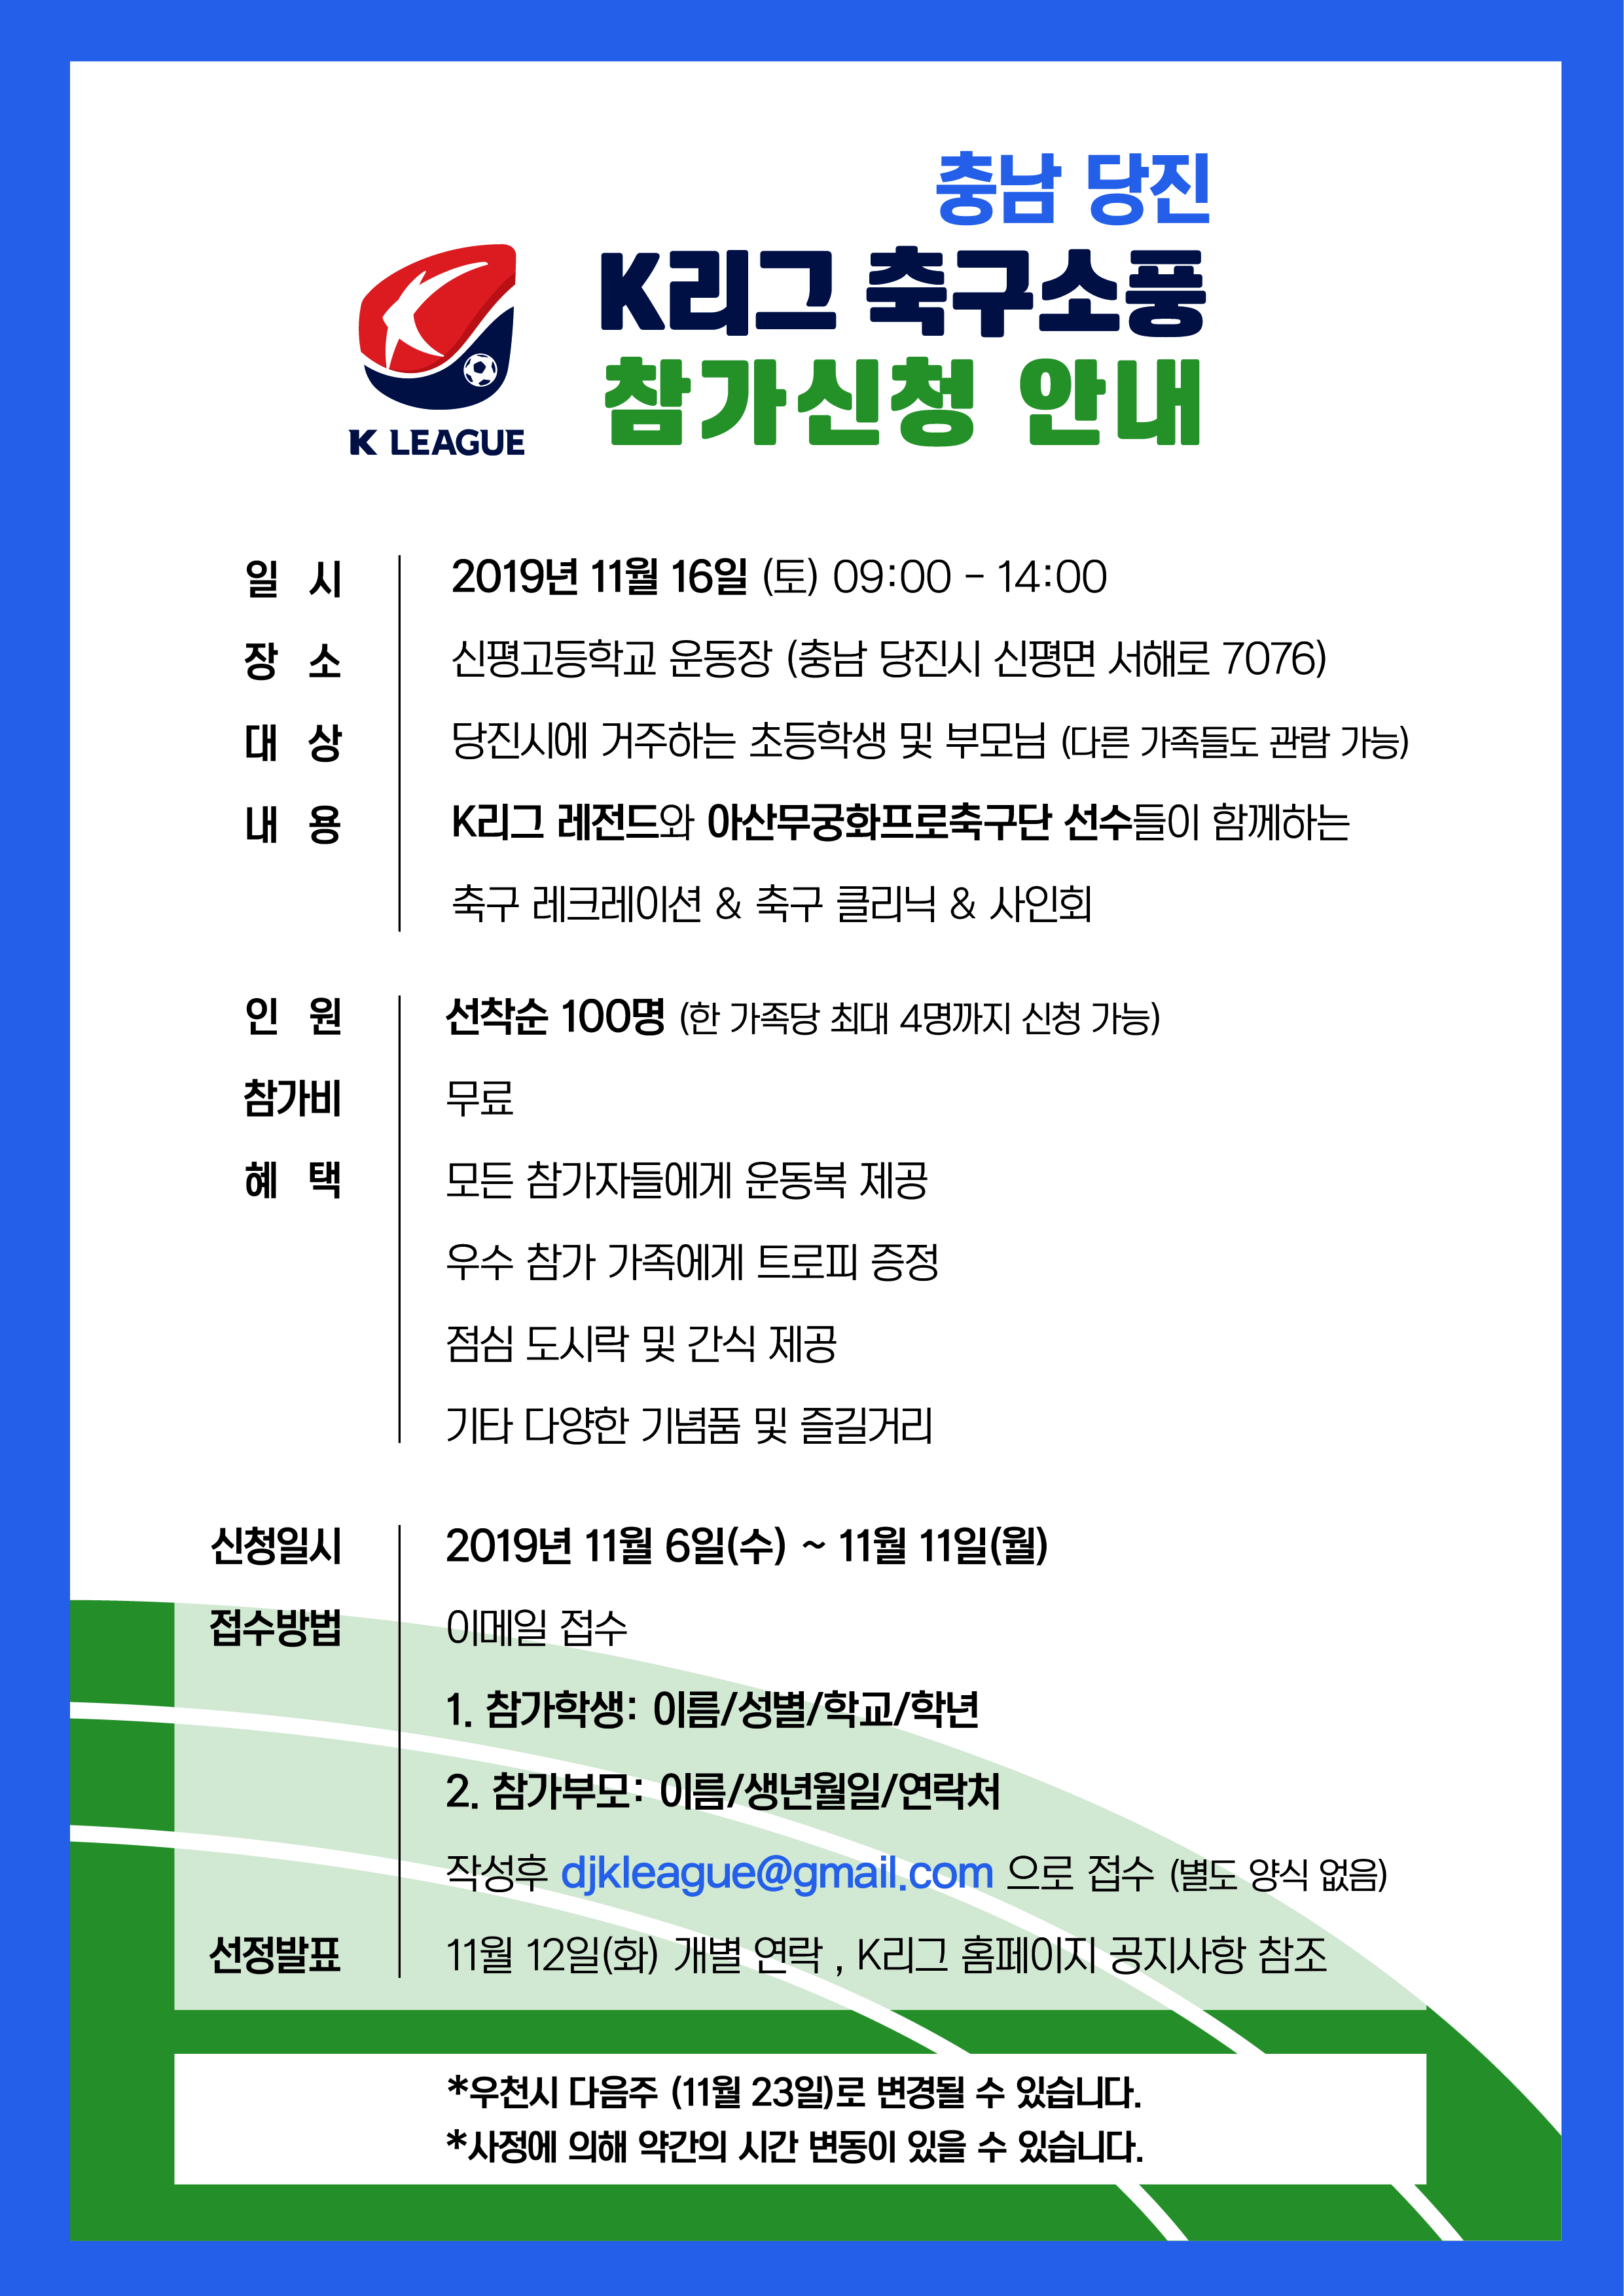 K리그 전설+현역선수와 함께 'K리그 축구소풍' 떠날 참가자 모집